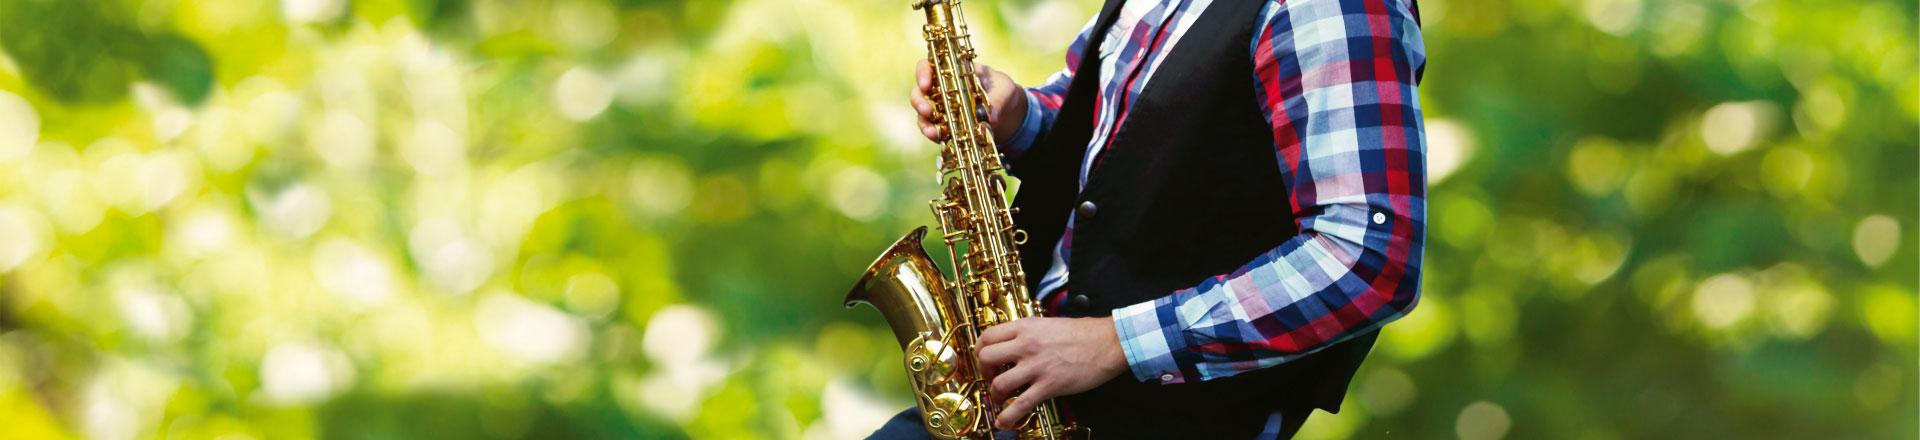 Gartenkultur Musikfestival Relaunchbild